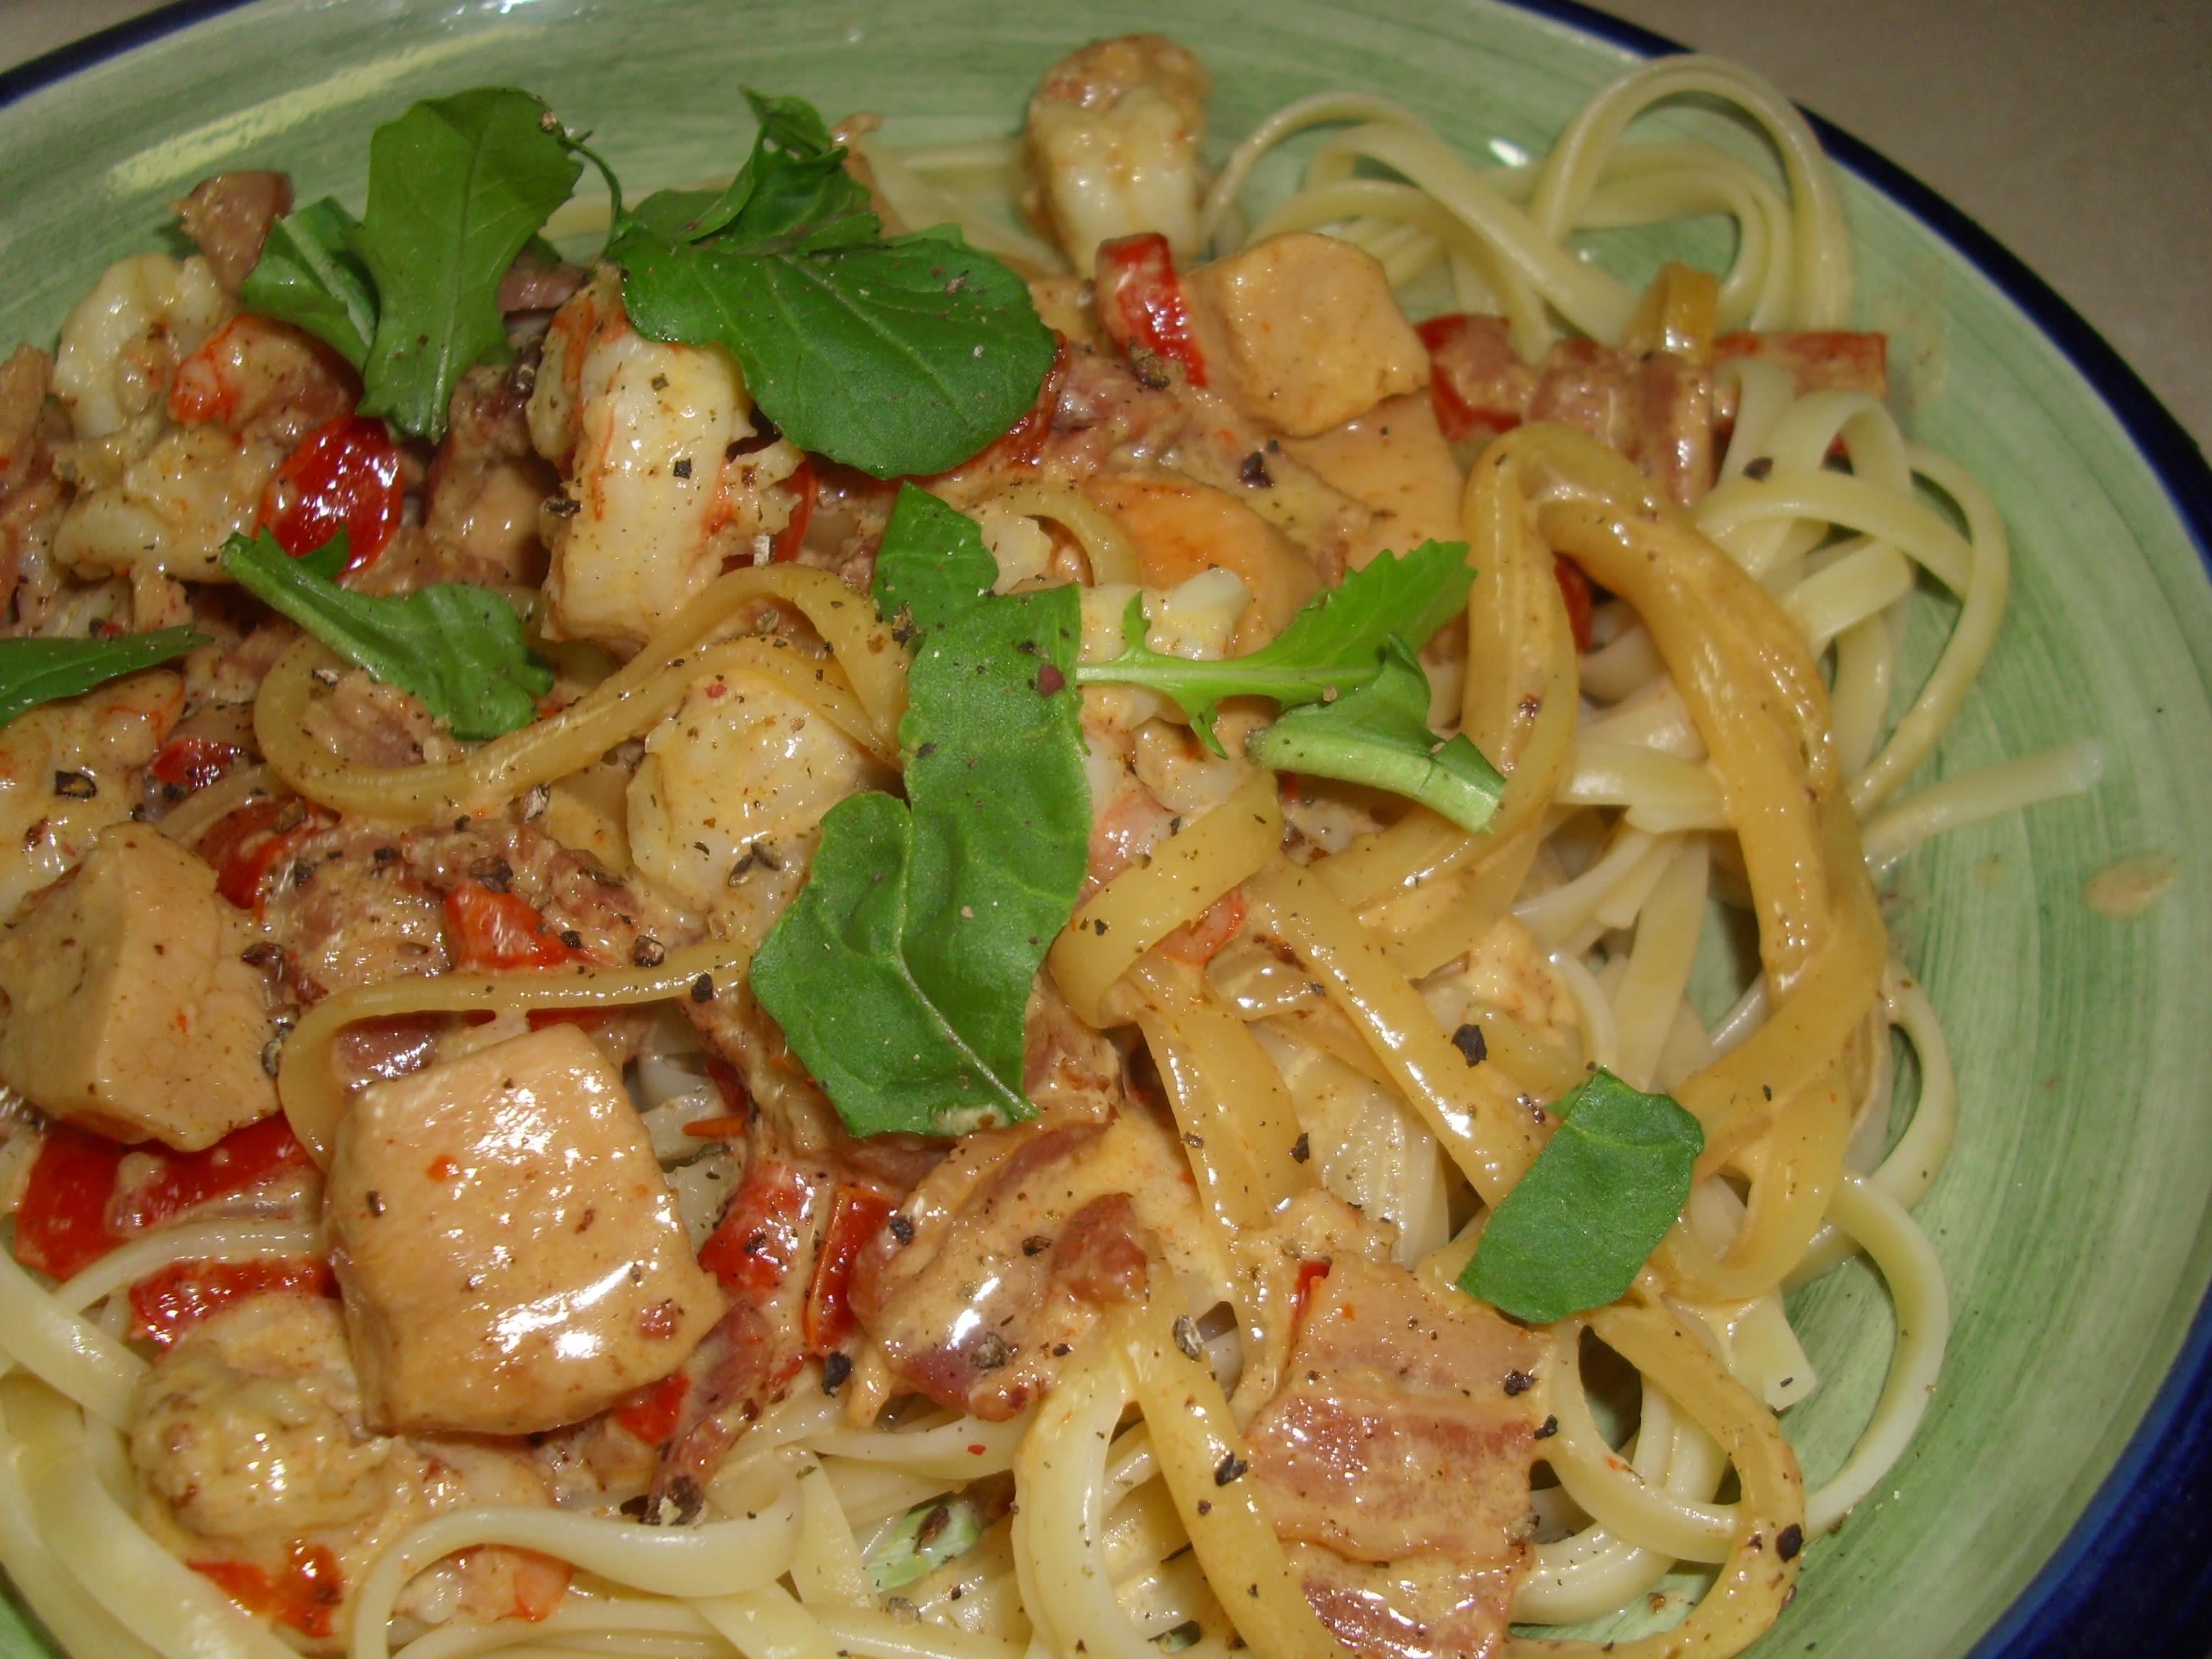 Olive Garden Chicken And Shrimp Carbonara Recipe - Genius Kitchen